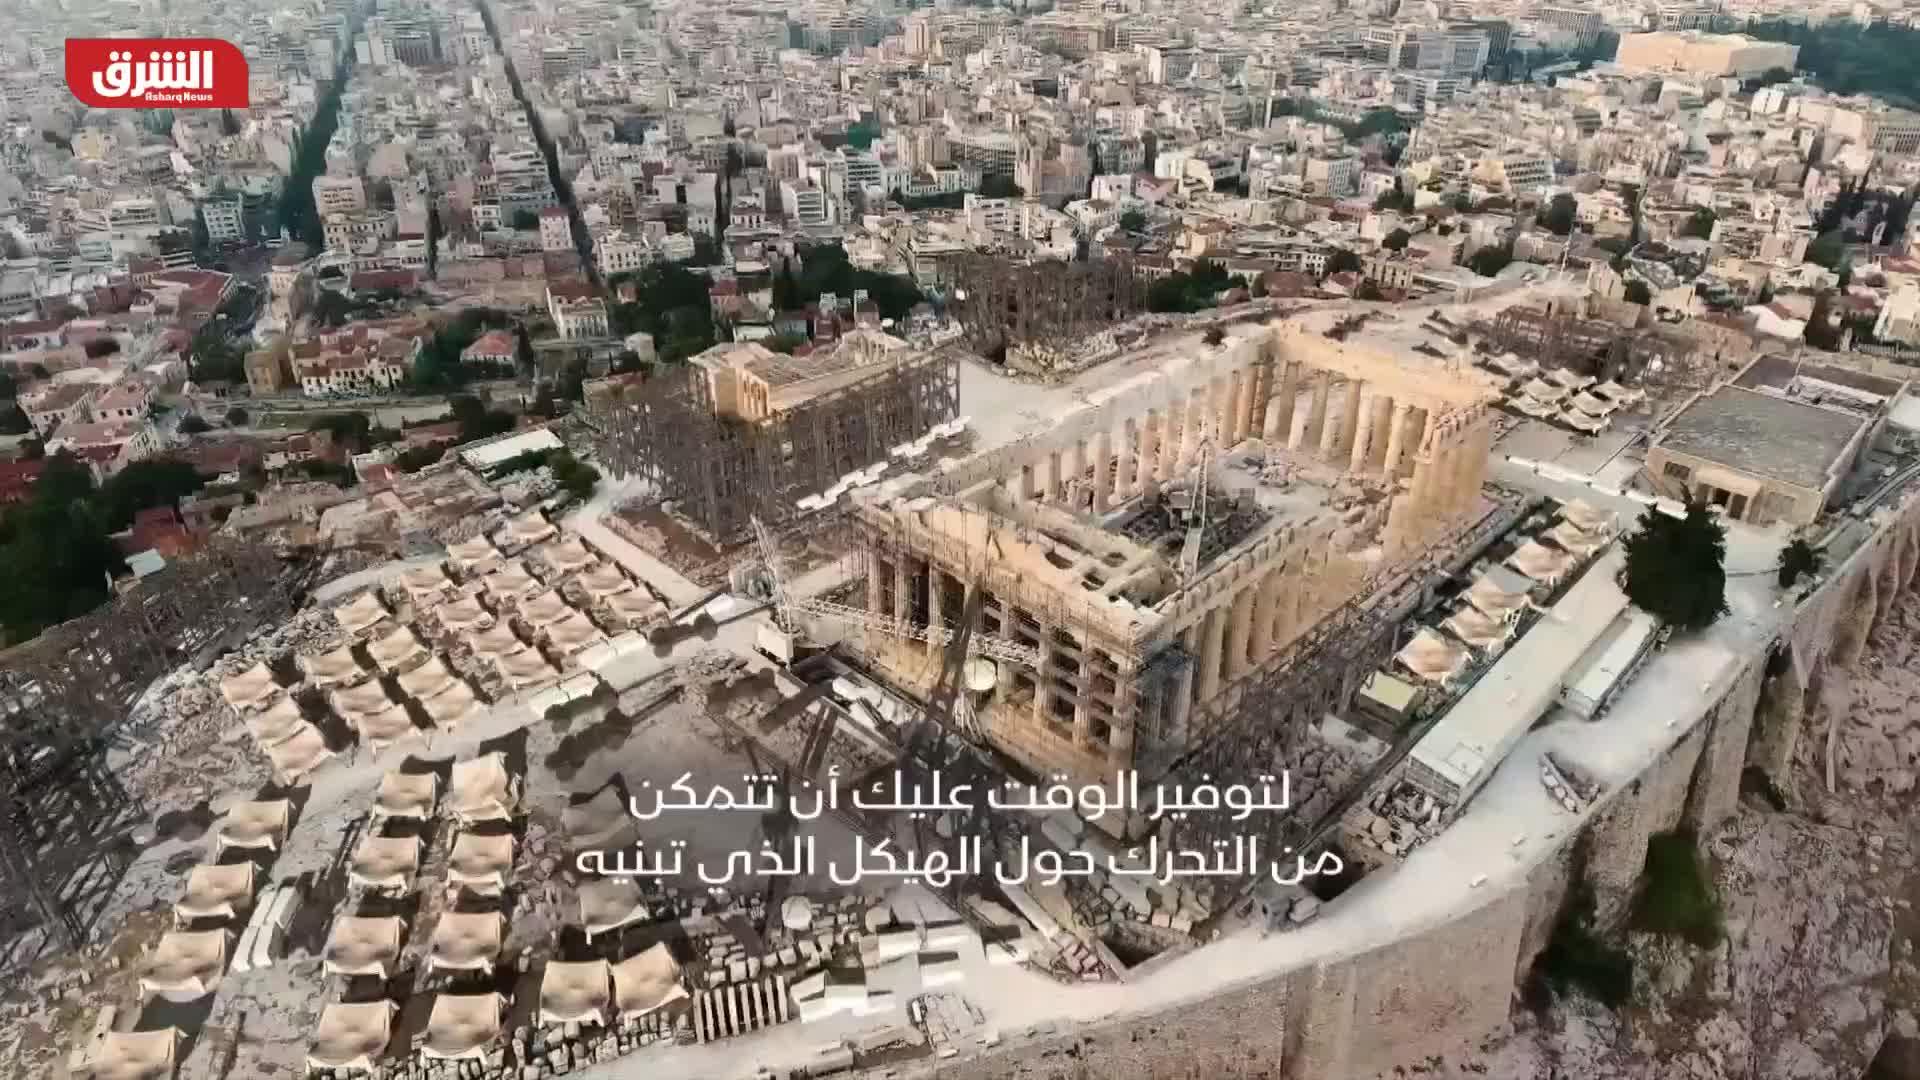 خفايا العالم القديم - أثينا ح2